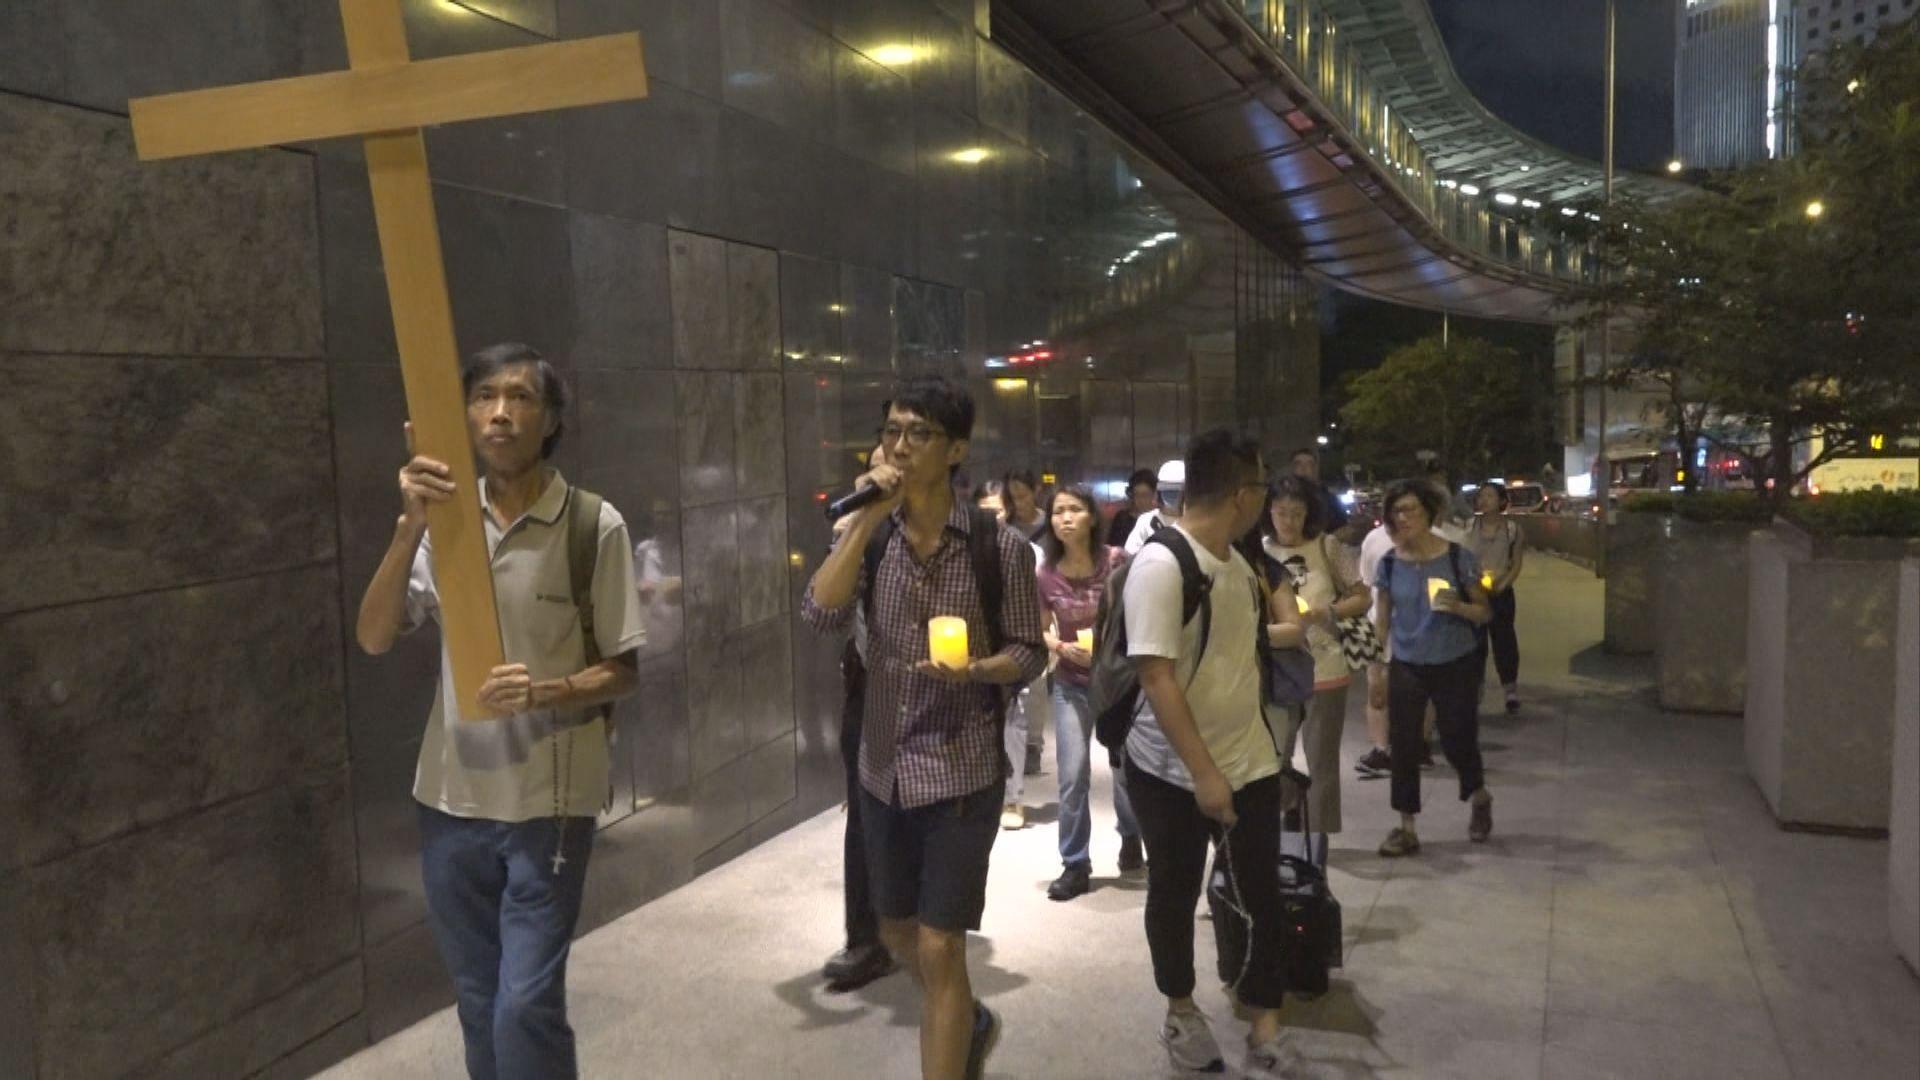 天主教徒燭光遊行促政府回應反修例訴求